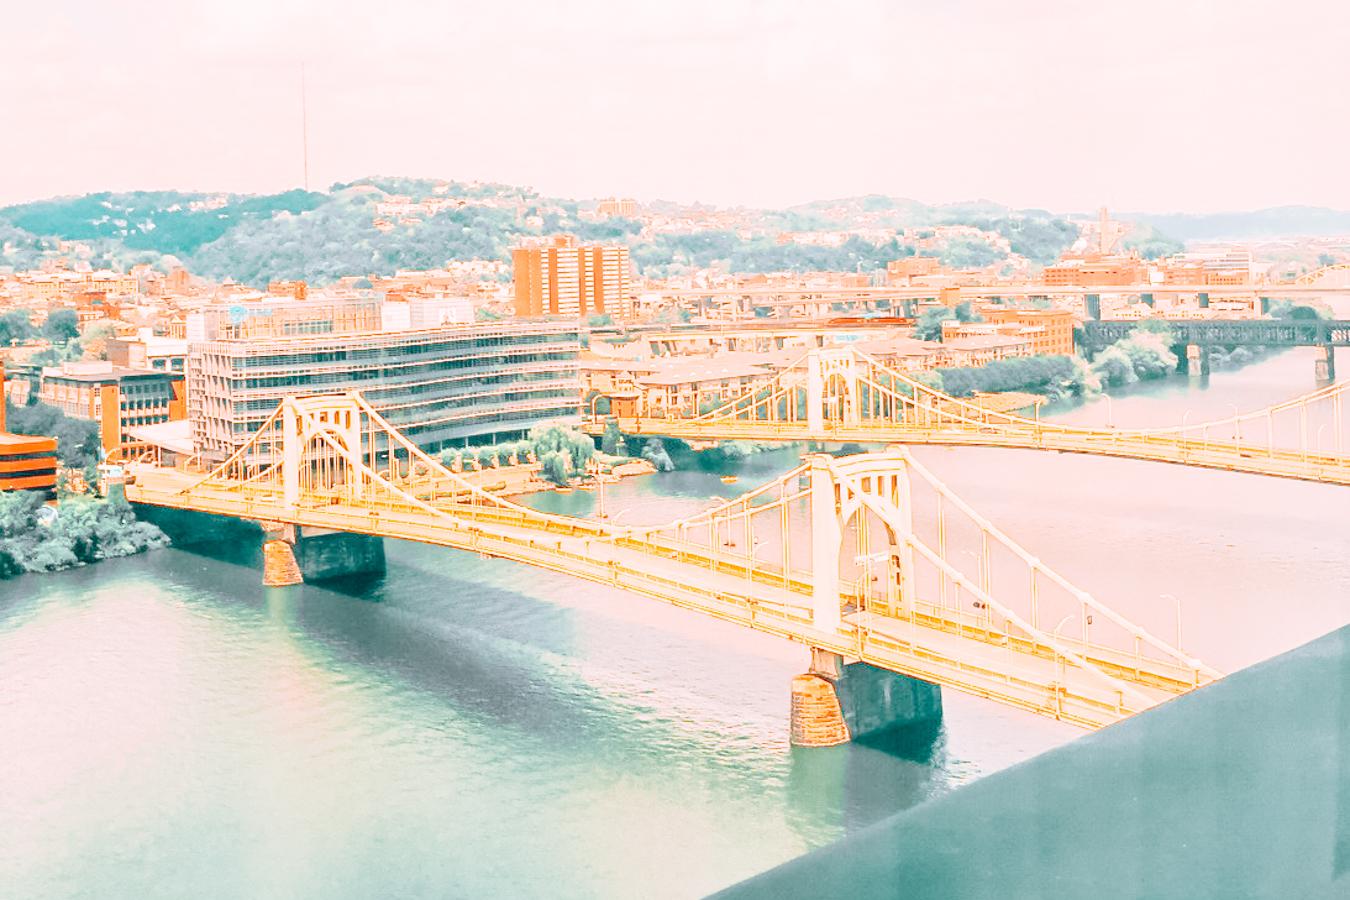 Yellow bridges